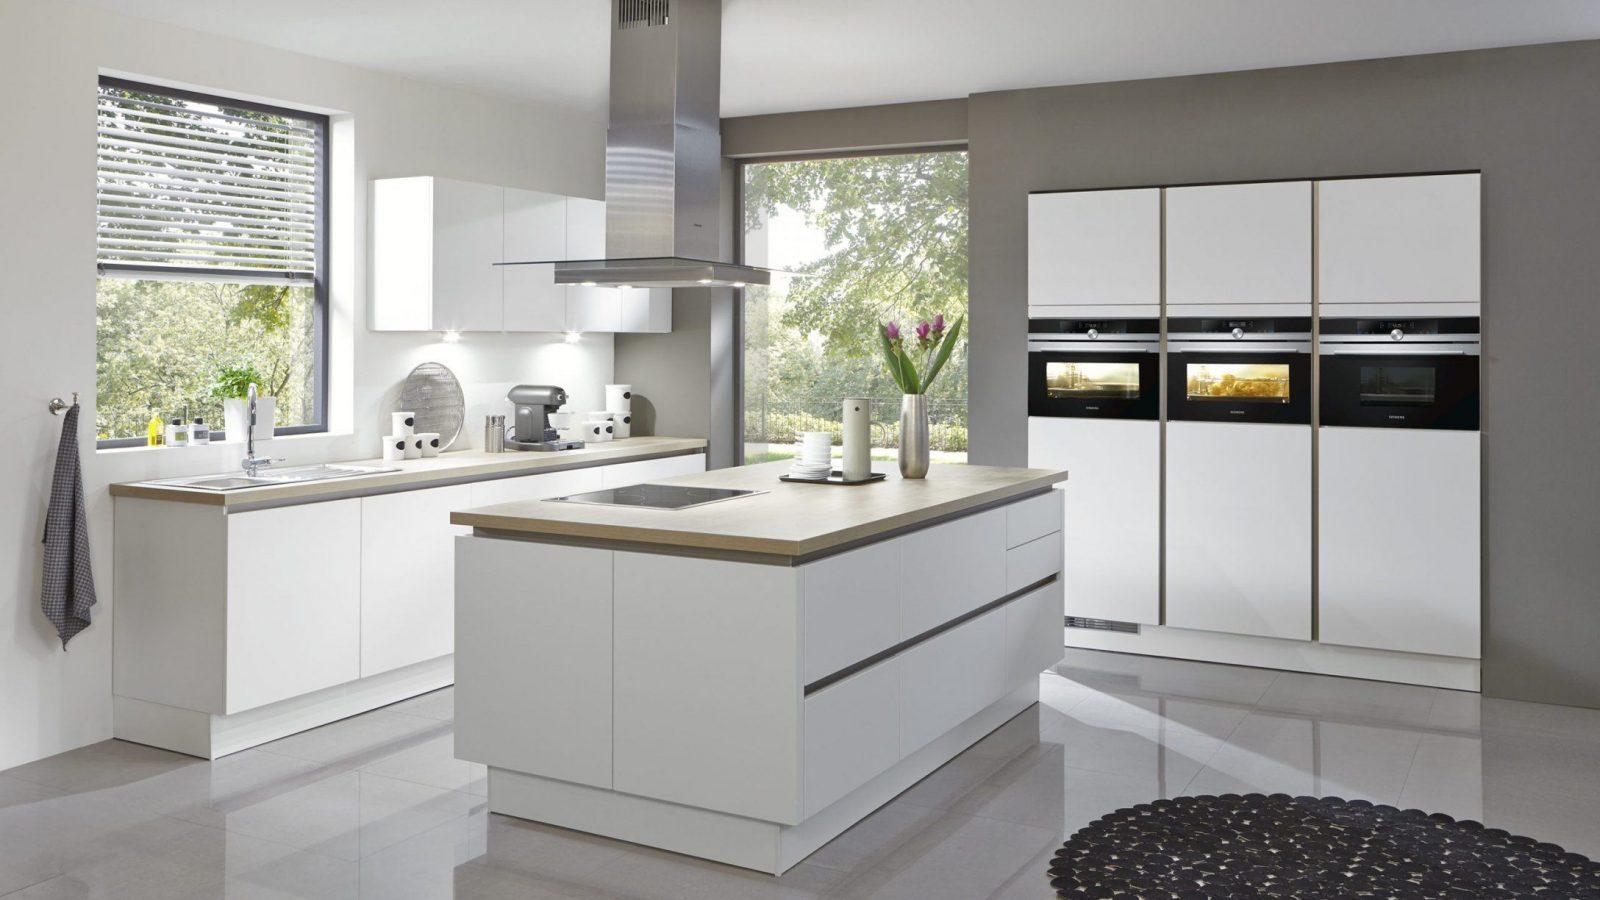 Küche Weiß Hochglanz Ohne Griffe Ikea von Ikea Küche Ohne Griffe Bild